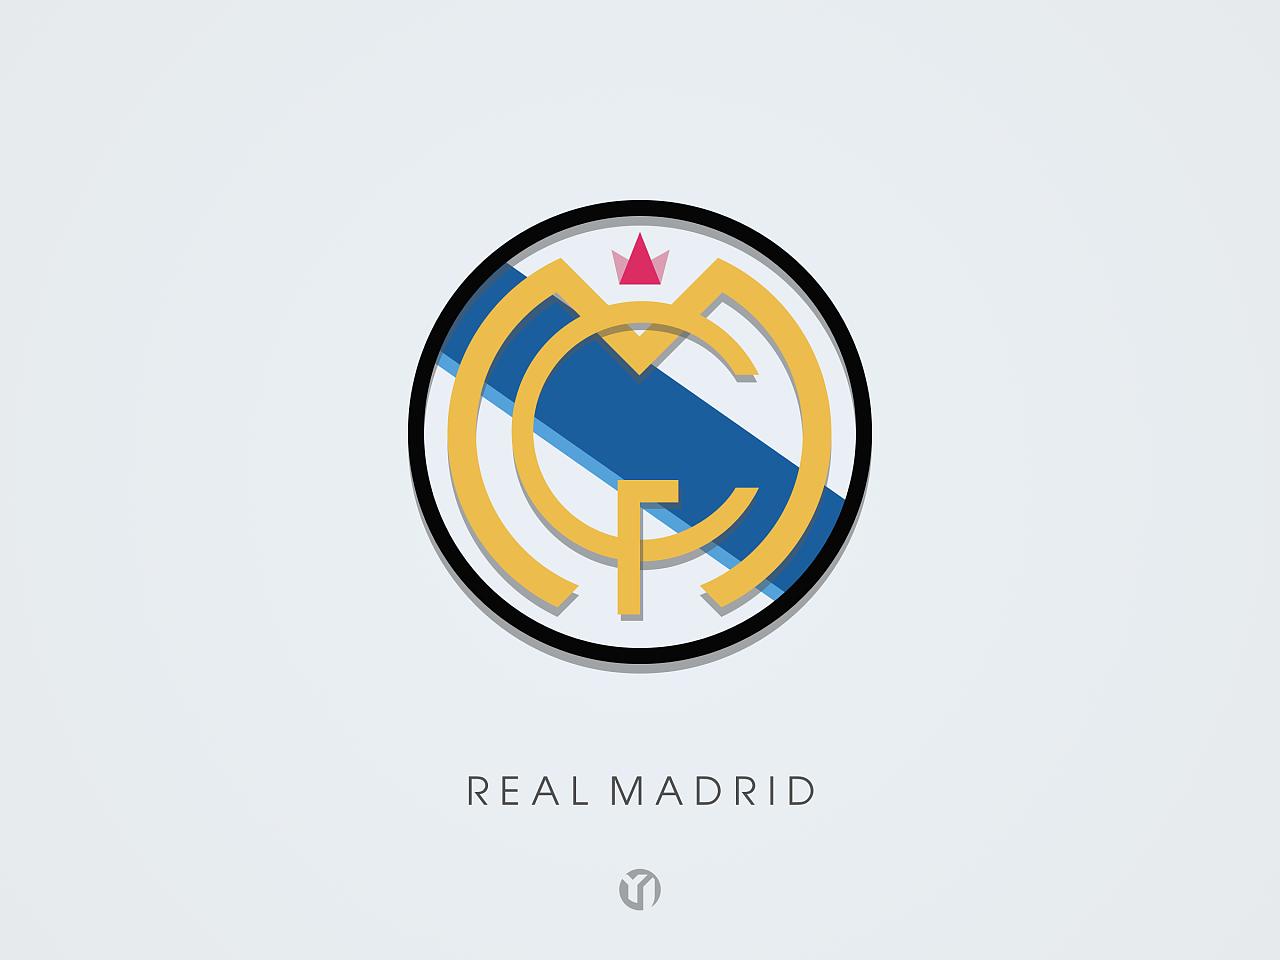 皇马球队标志_#个人作品#重新设计#俱乐部足球队队徽logo/阿森纳/皇马 ...